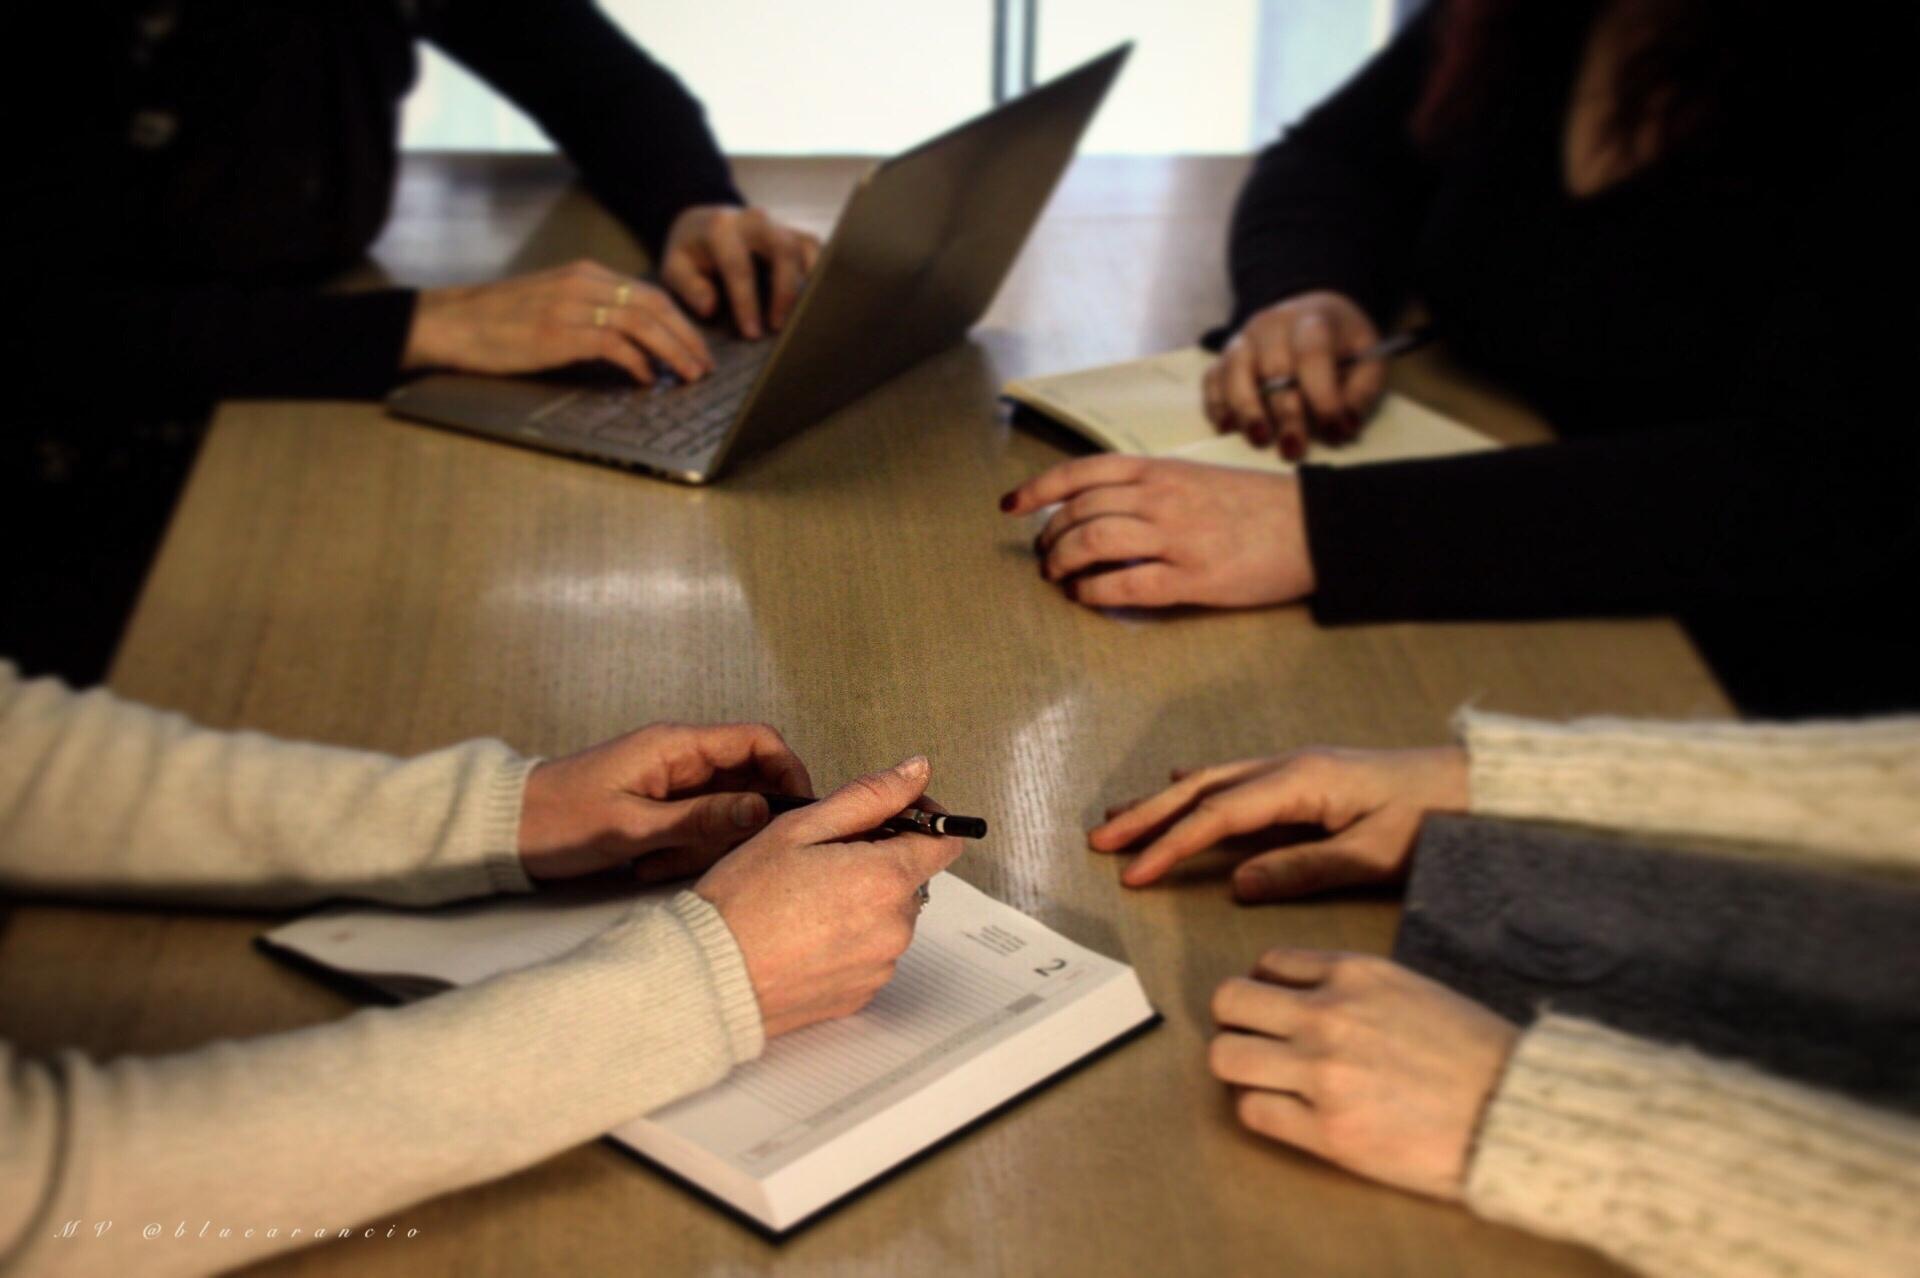 Chi siamo - Siamo un gruppo di psicologhe, psicoterapeute che collaborano con diversi professionisti ...